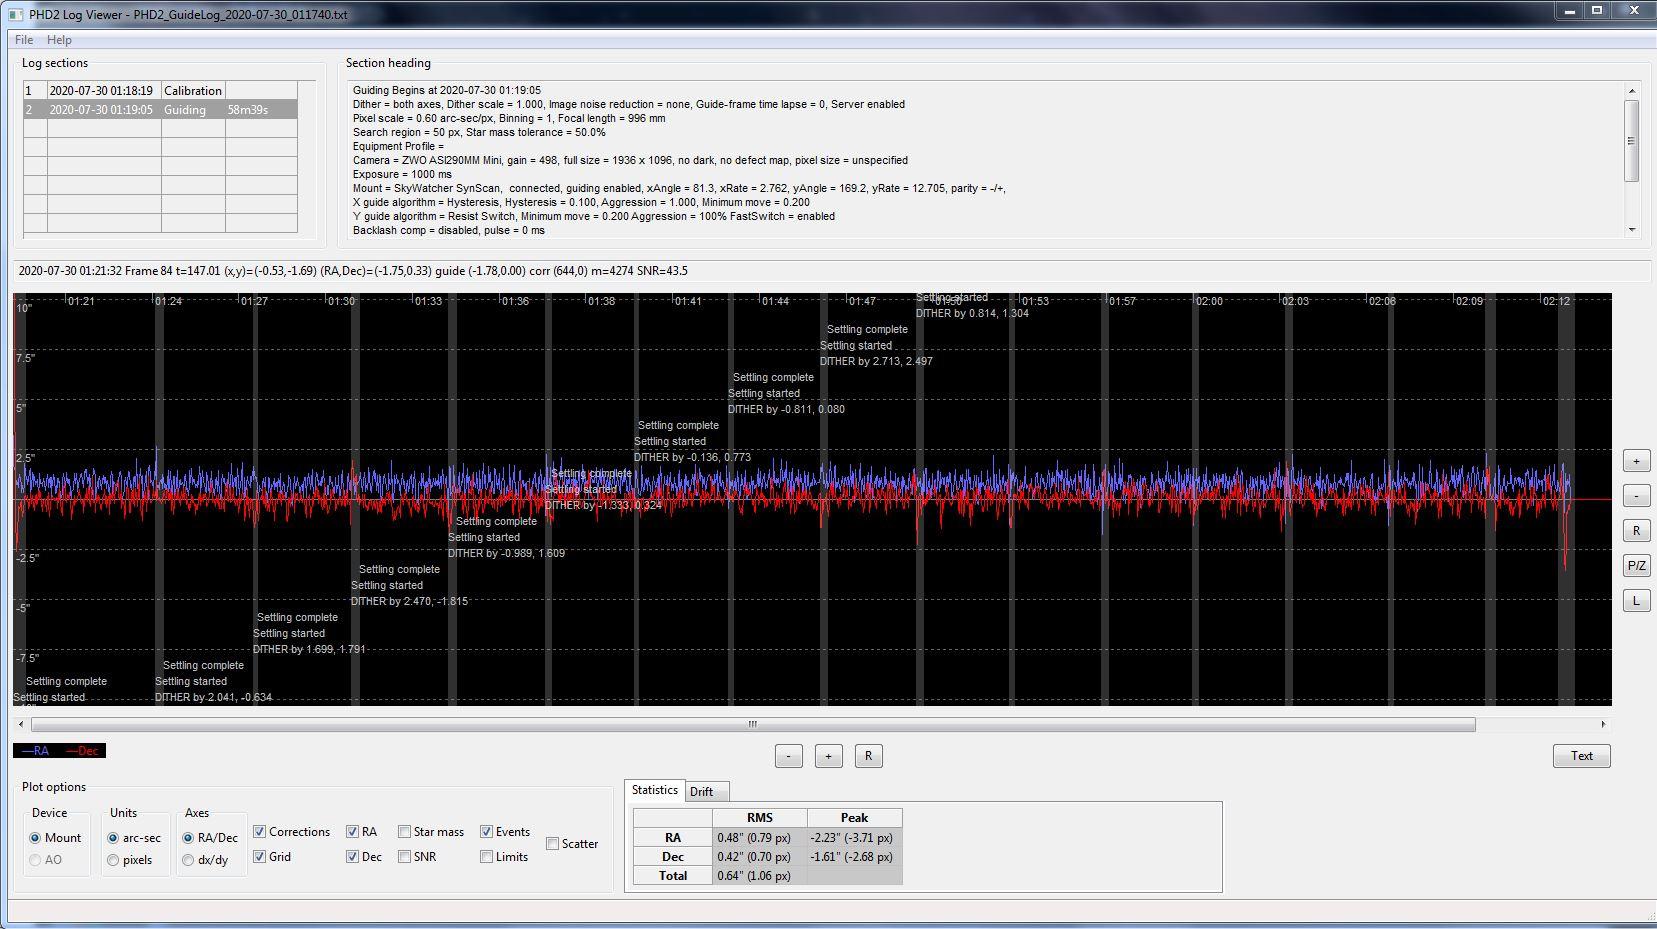 5f3449c8b50eb_analyseGuide_courbe.JPG.a22b03b1e67d49ee5d430c2ee6d8bd7f.JPG